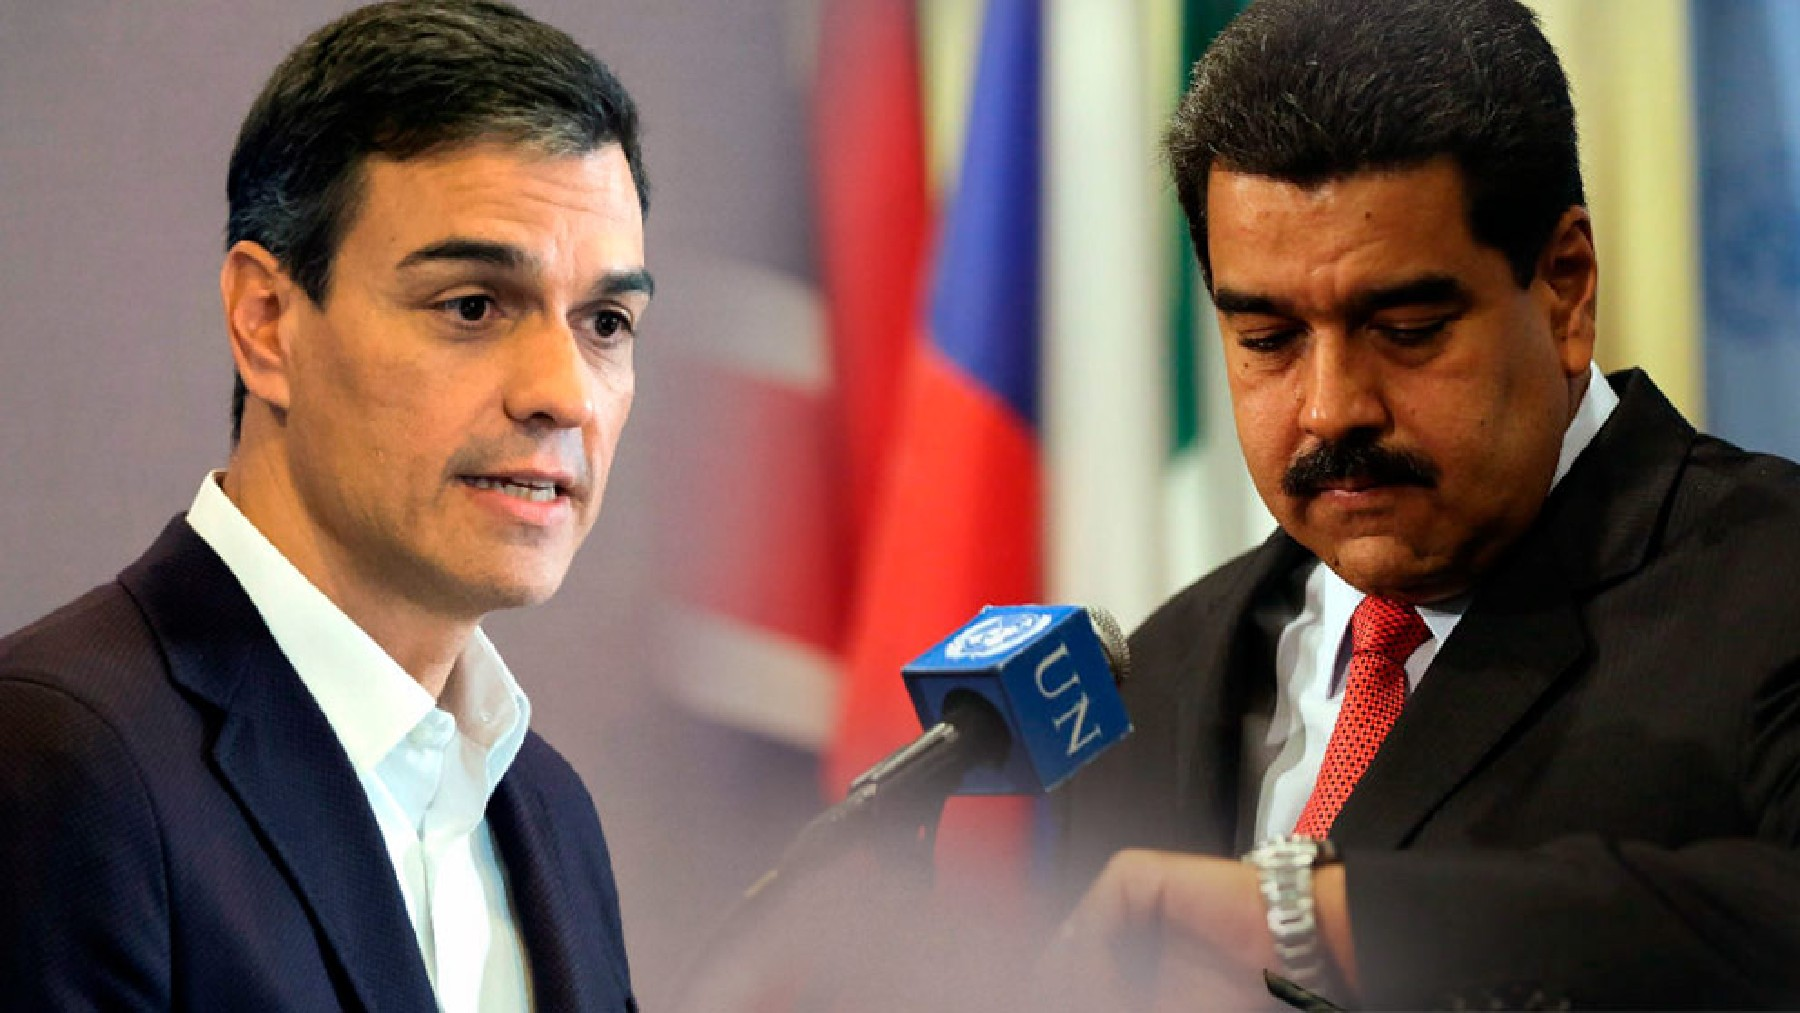 Pedro Sánchez y Nicolás Maduro.